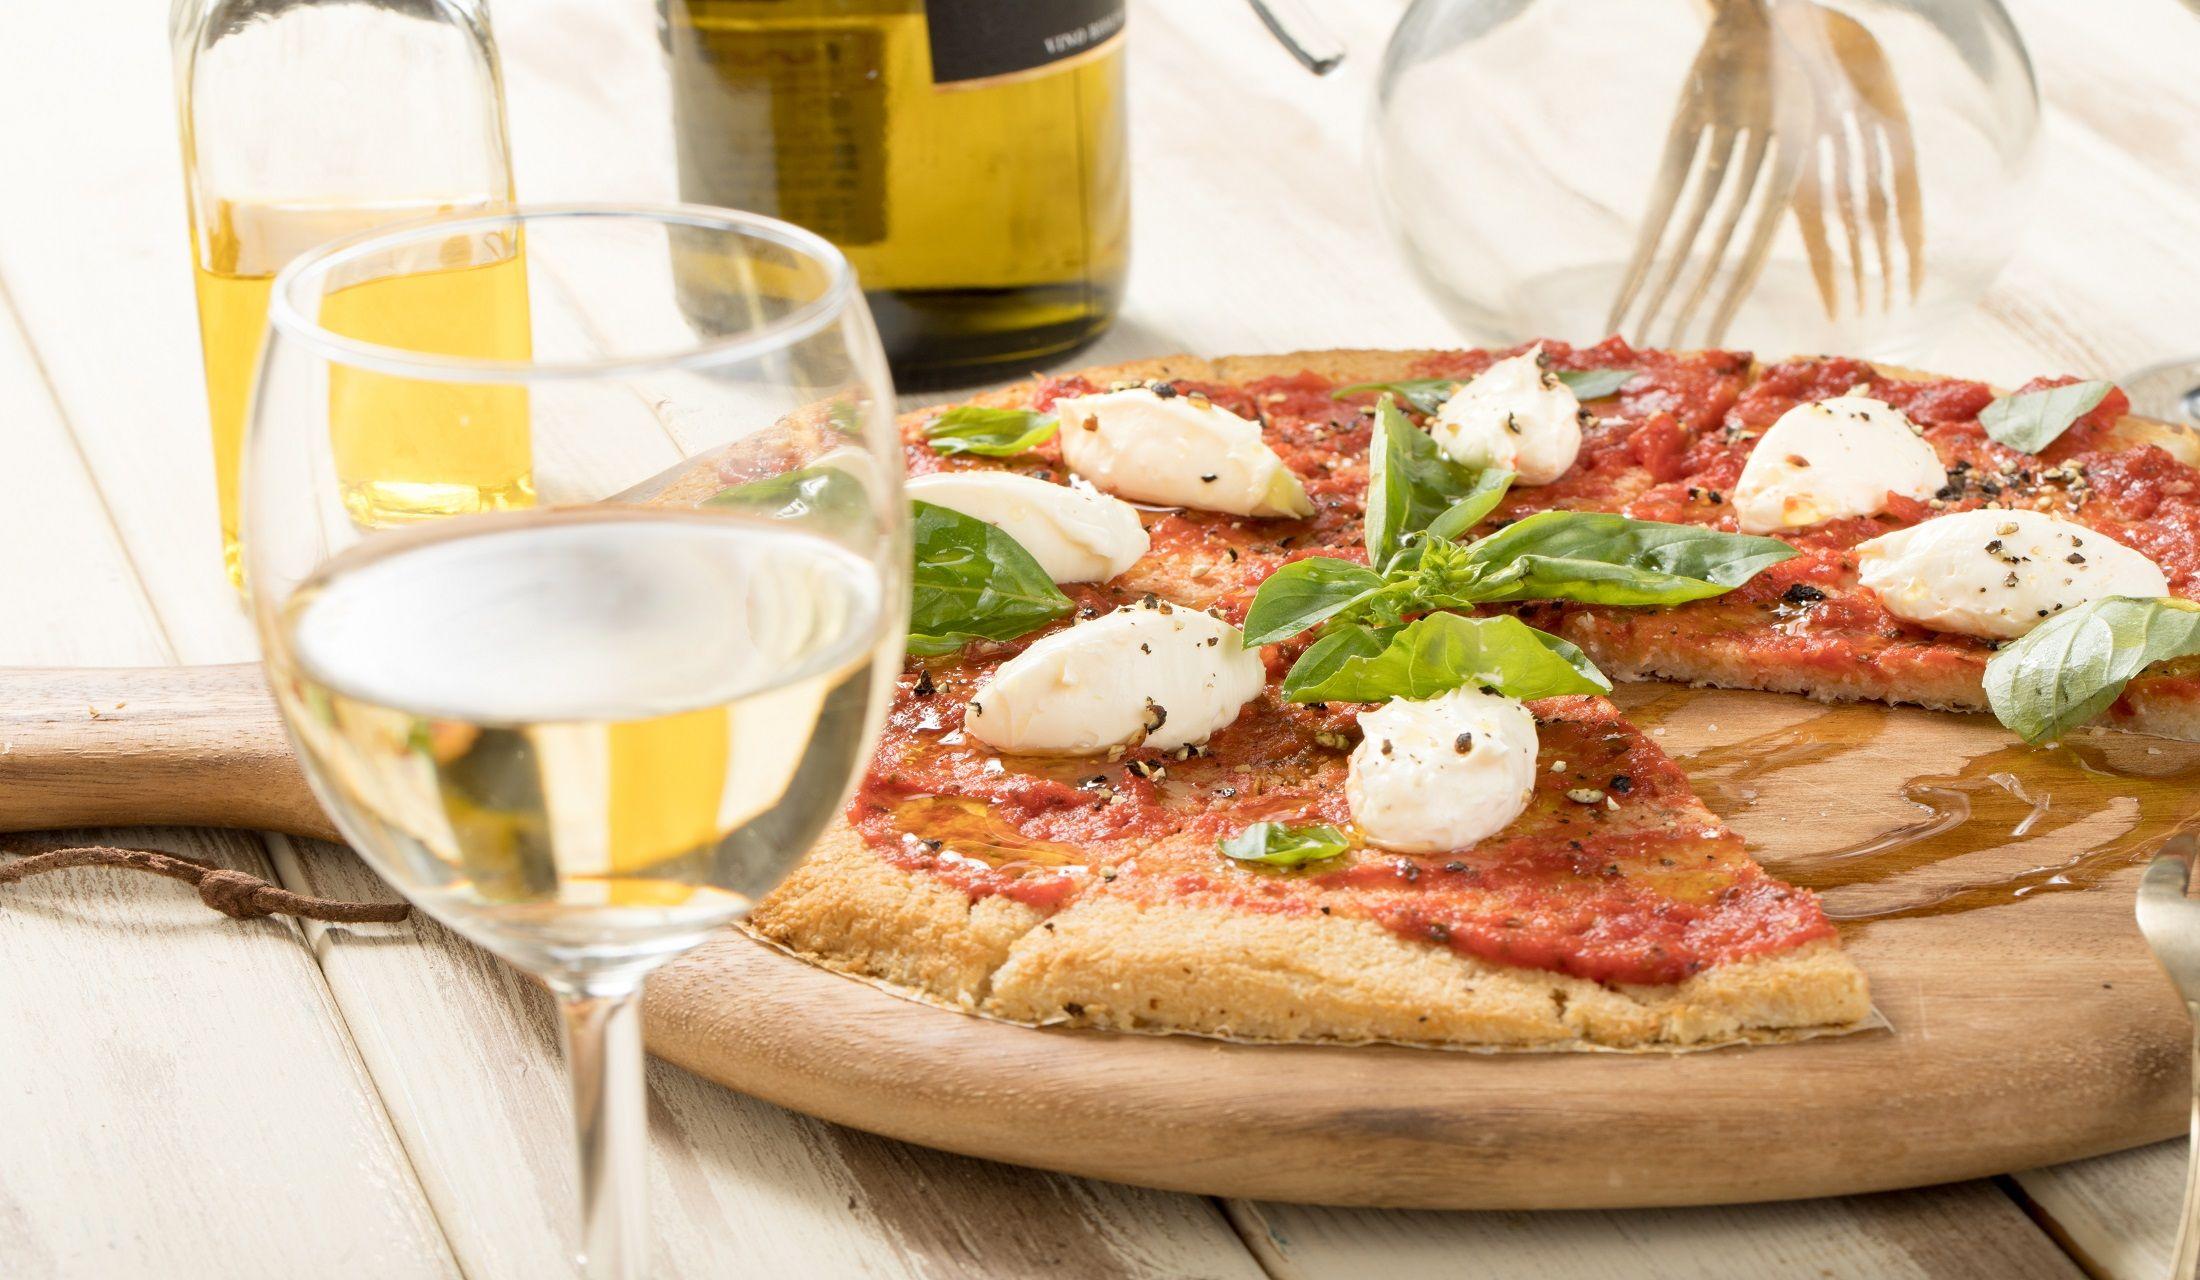 ピザと白ワインの写真